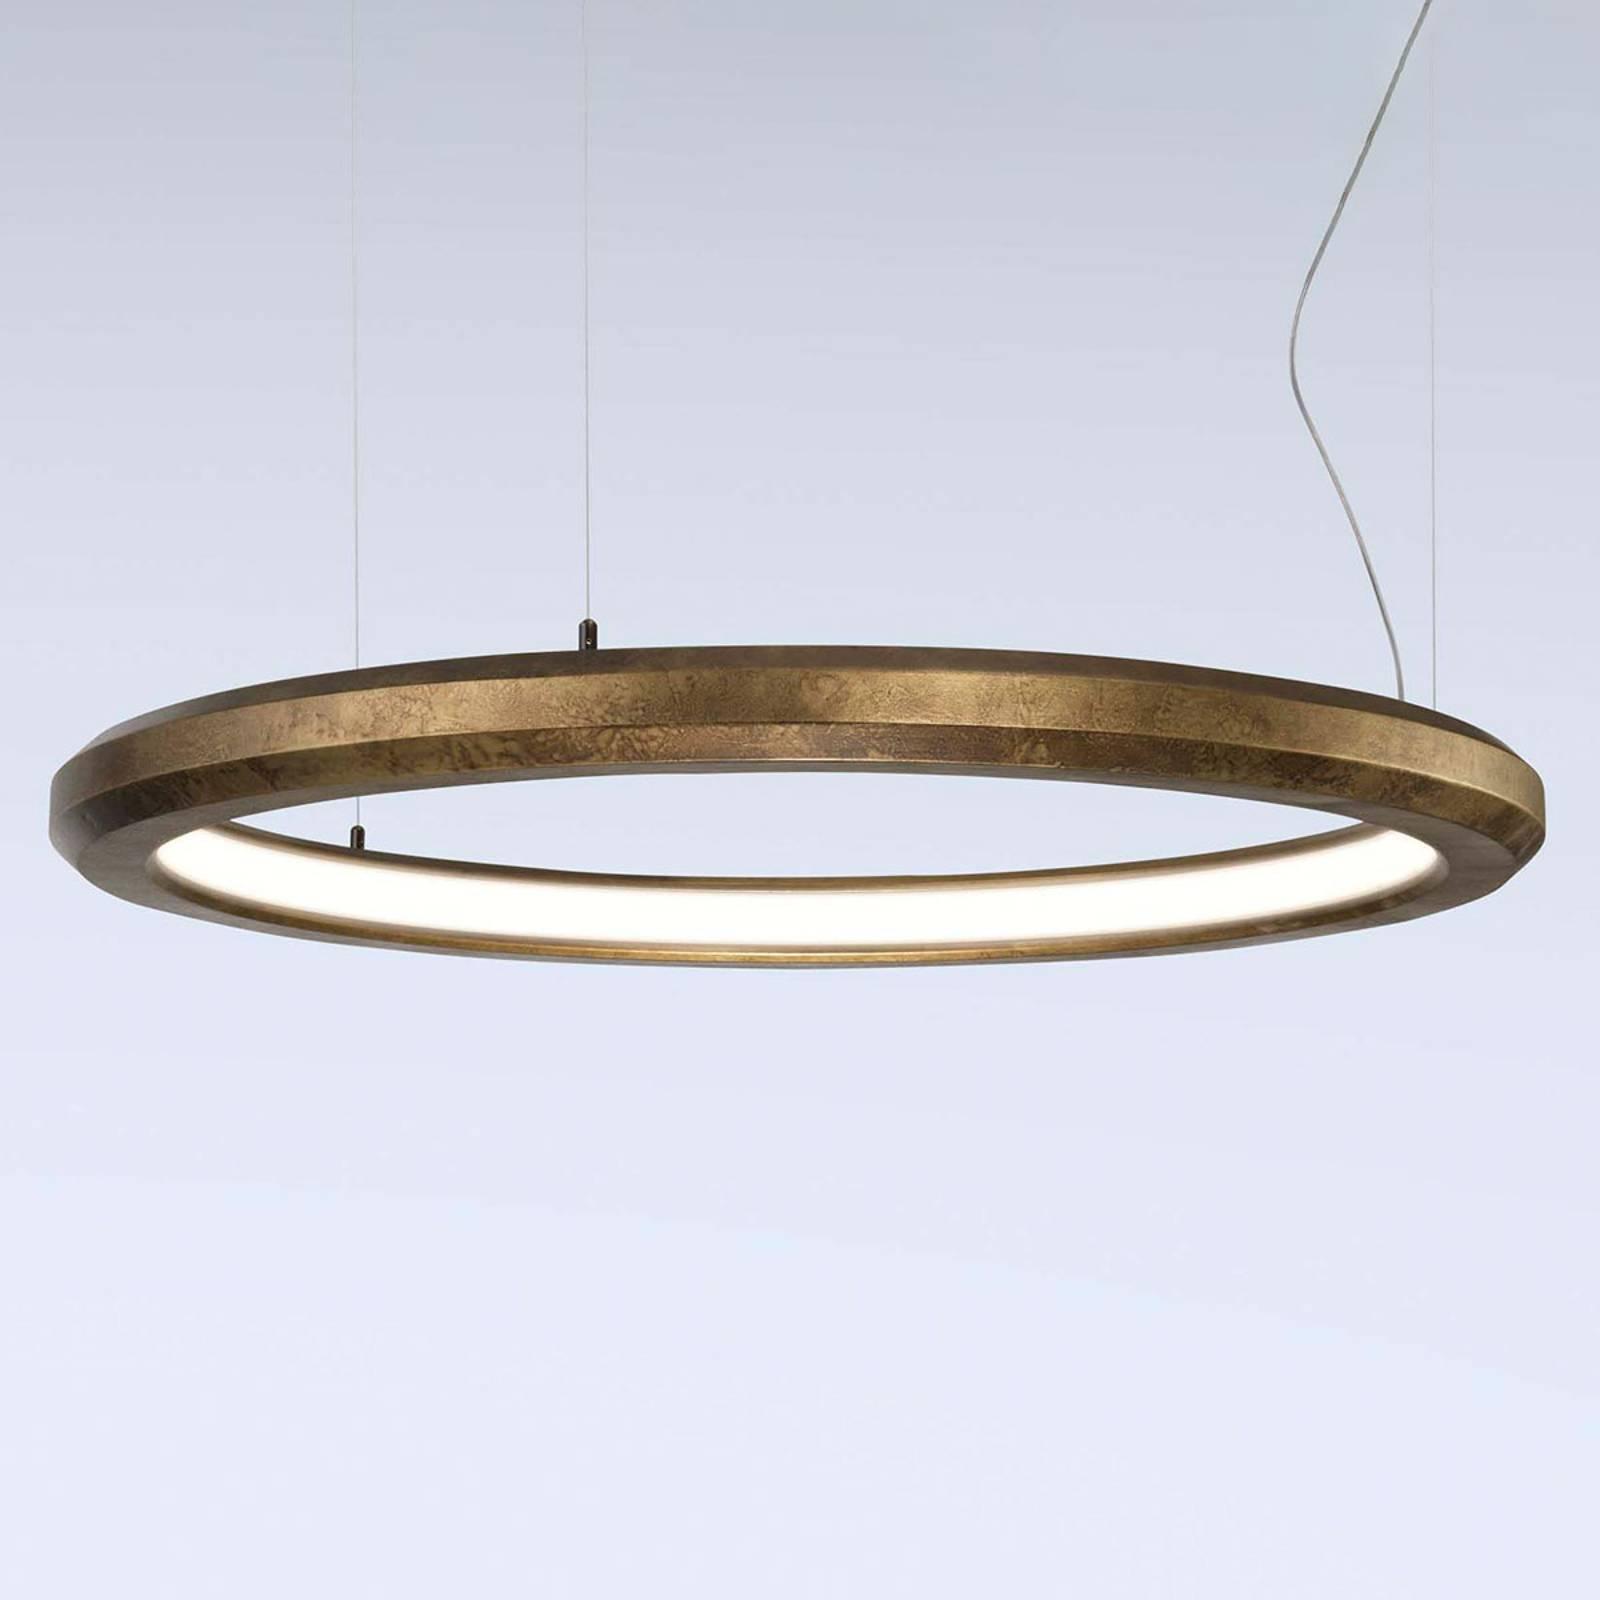 LED-riippuvalaisin Materica sisä, Ø 90 cm messinki